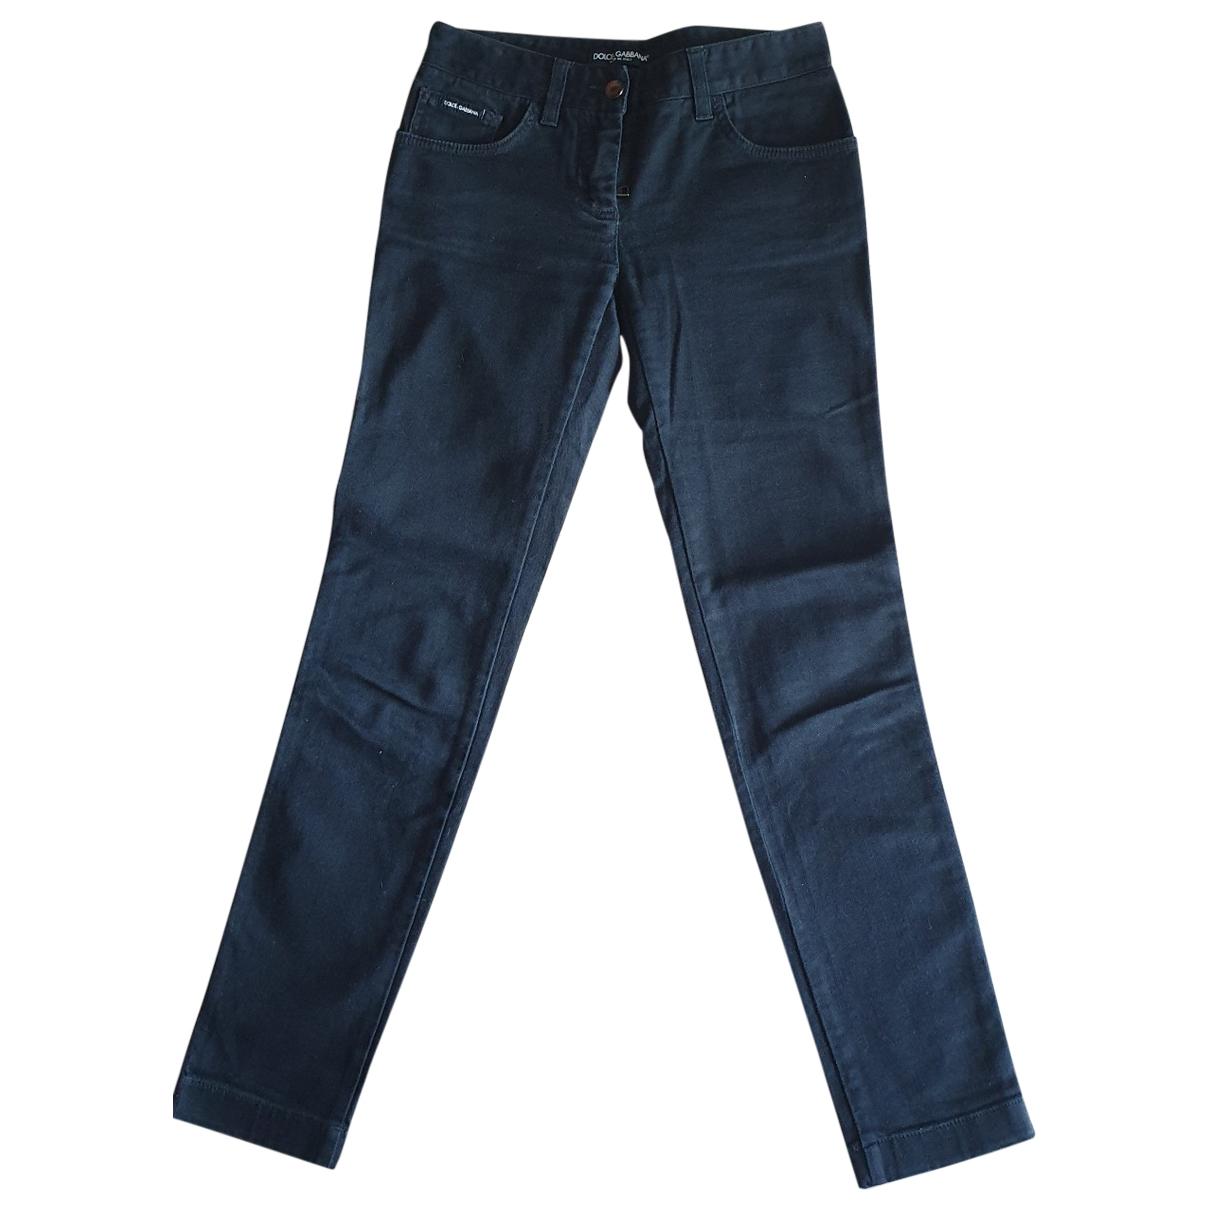 Dolce & Gabbana \N Jeans in  Schwarz Baumwolle - Elasthan